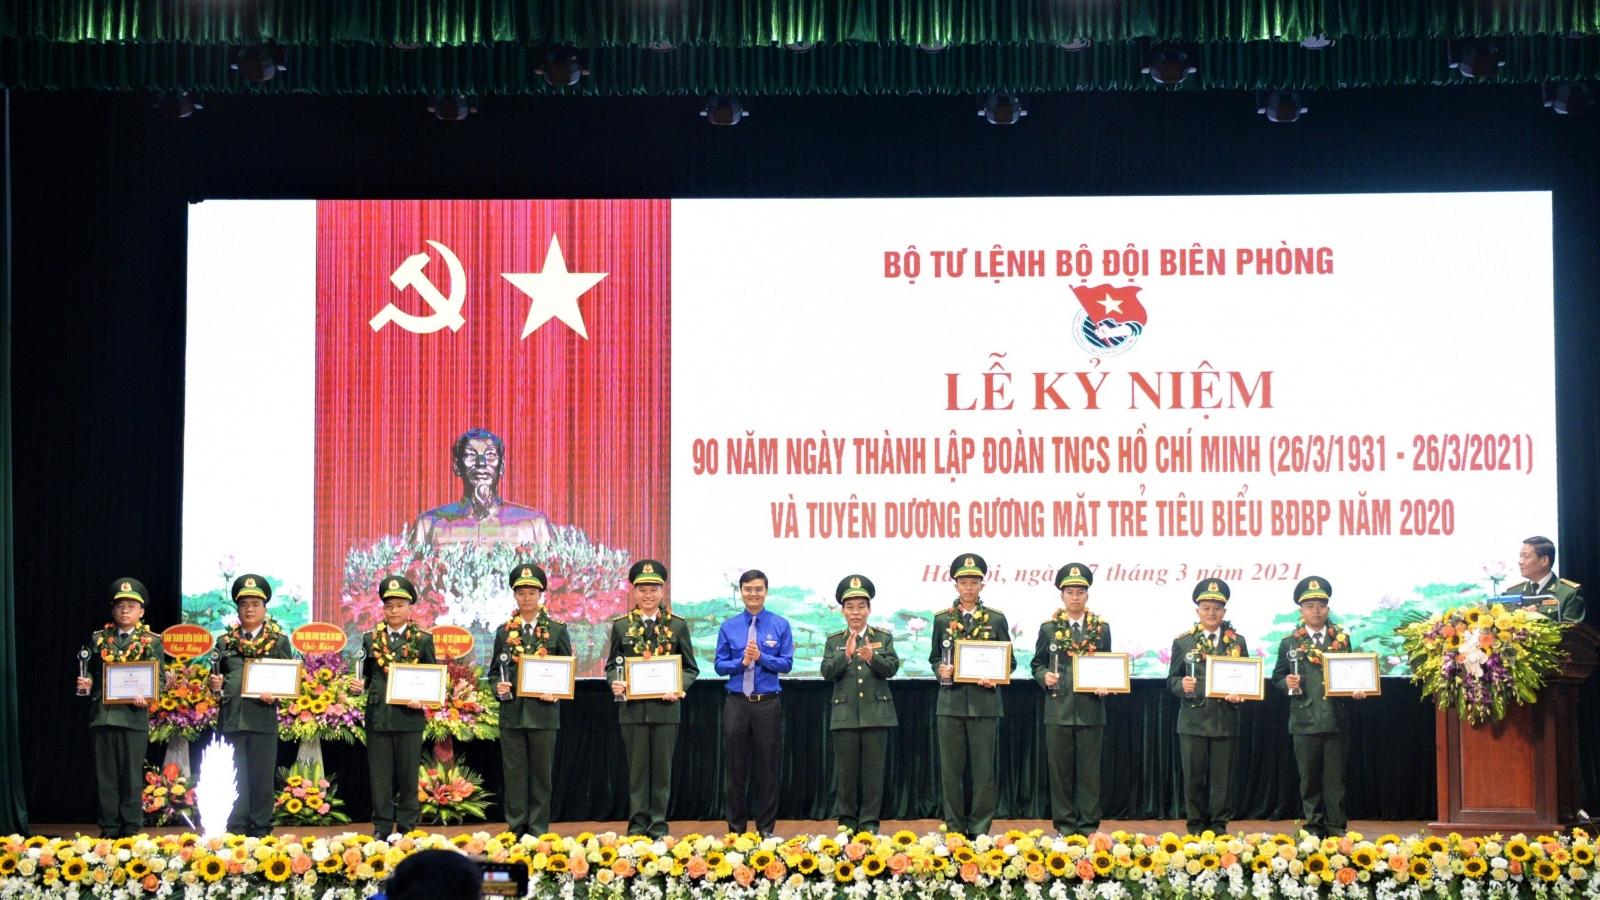 Bộ đội Biên phòng kỷ niệm 90 năm ngày thành lập Đoàn